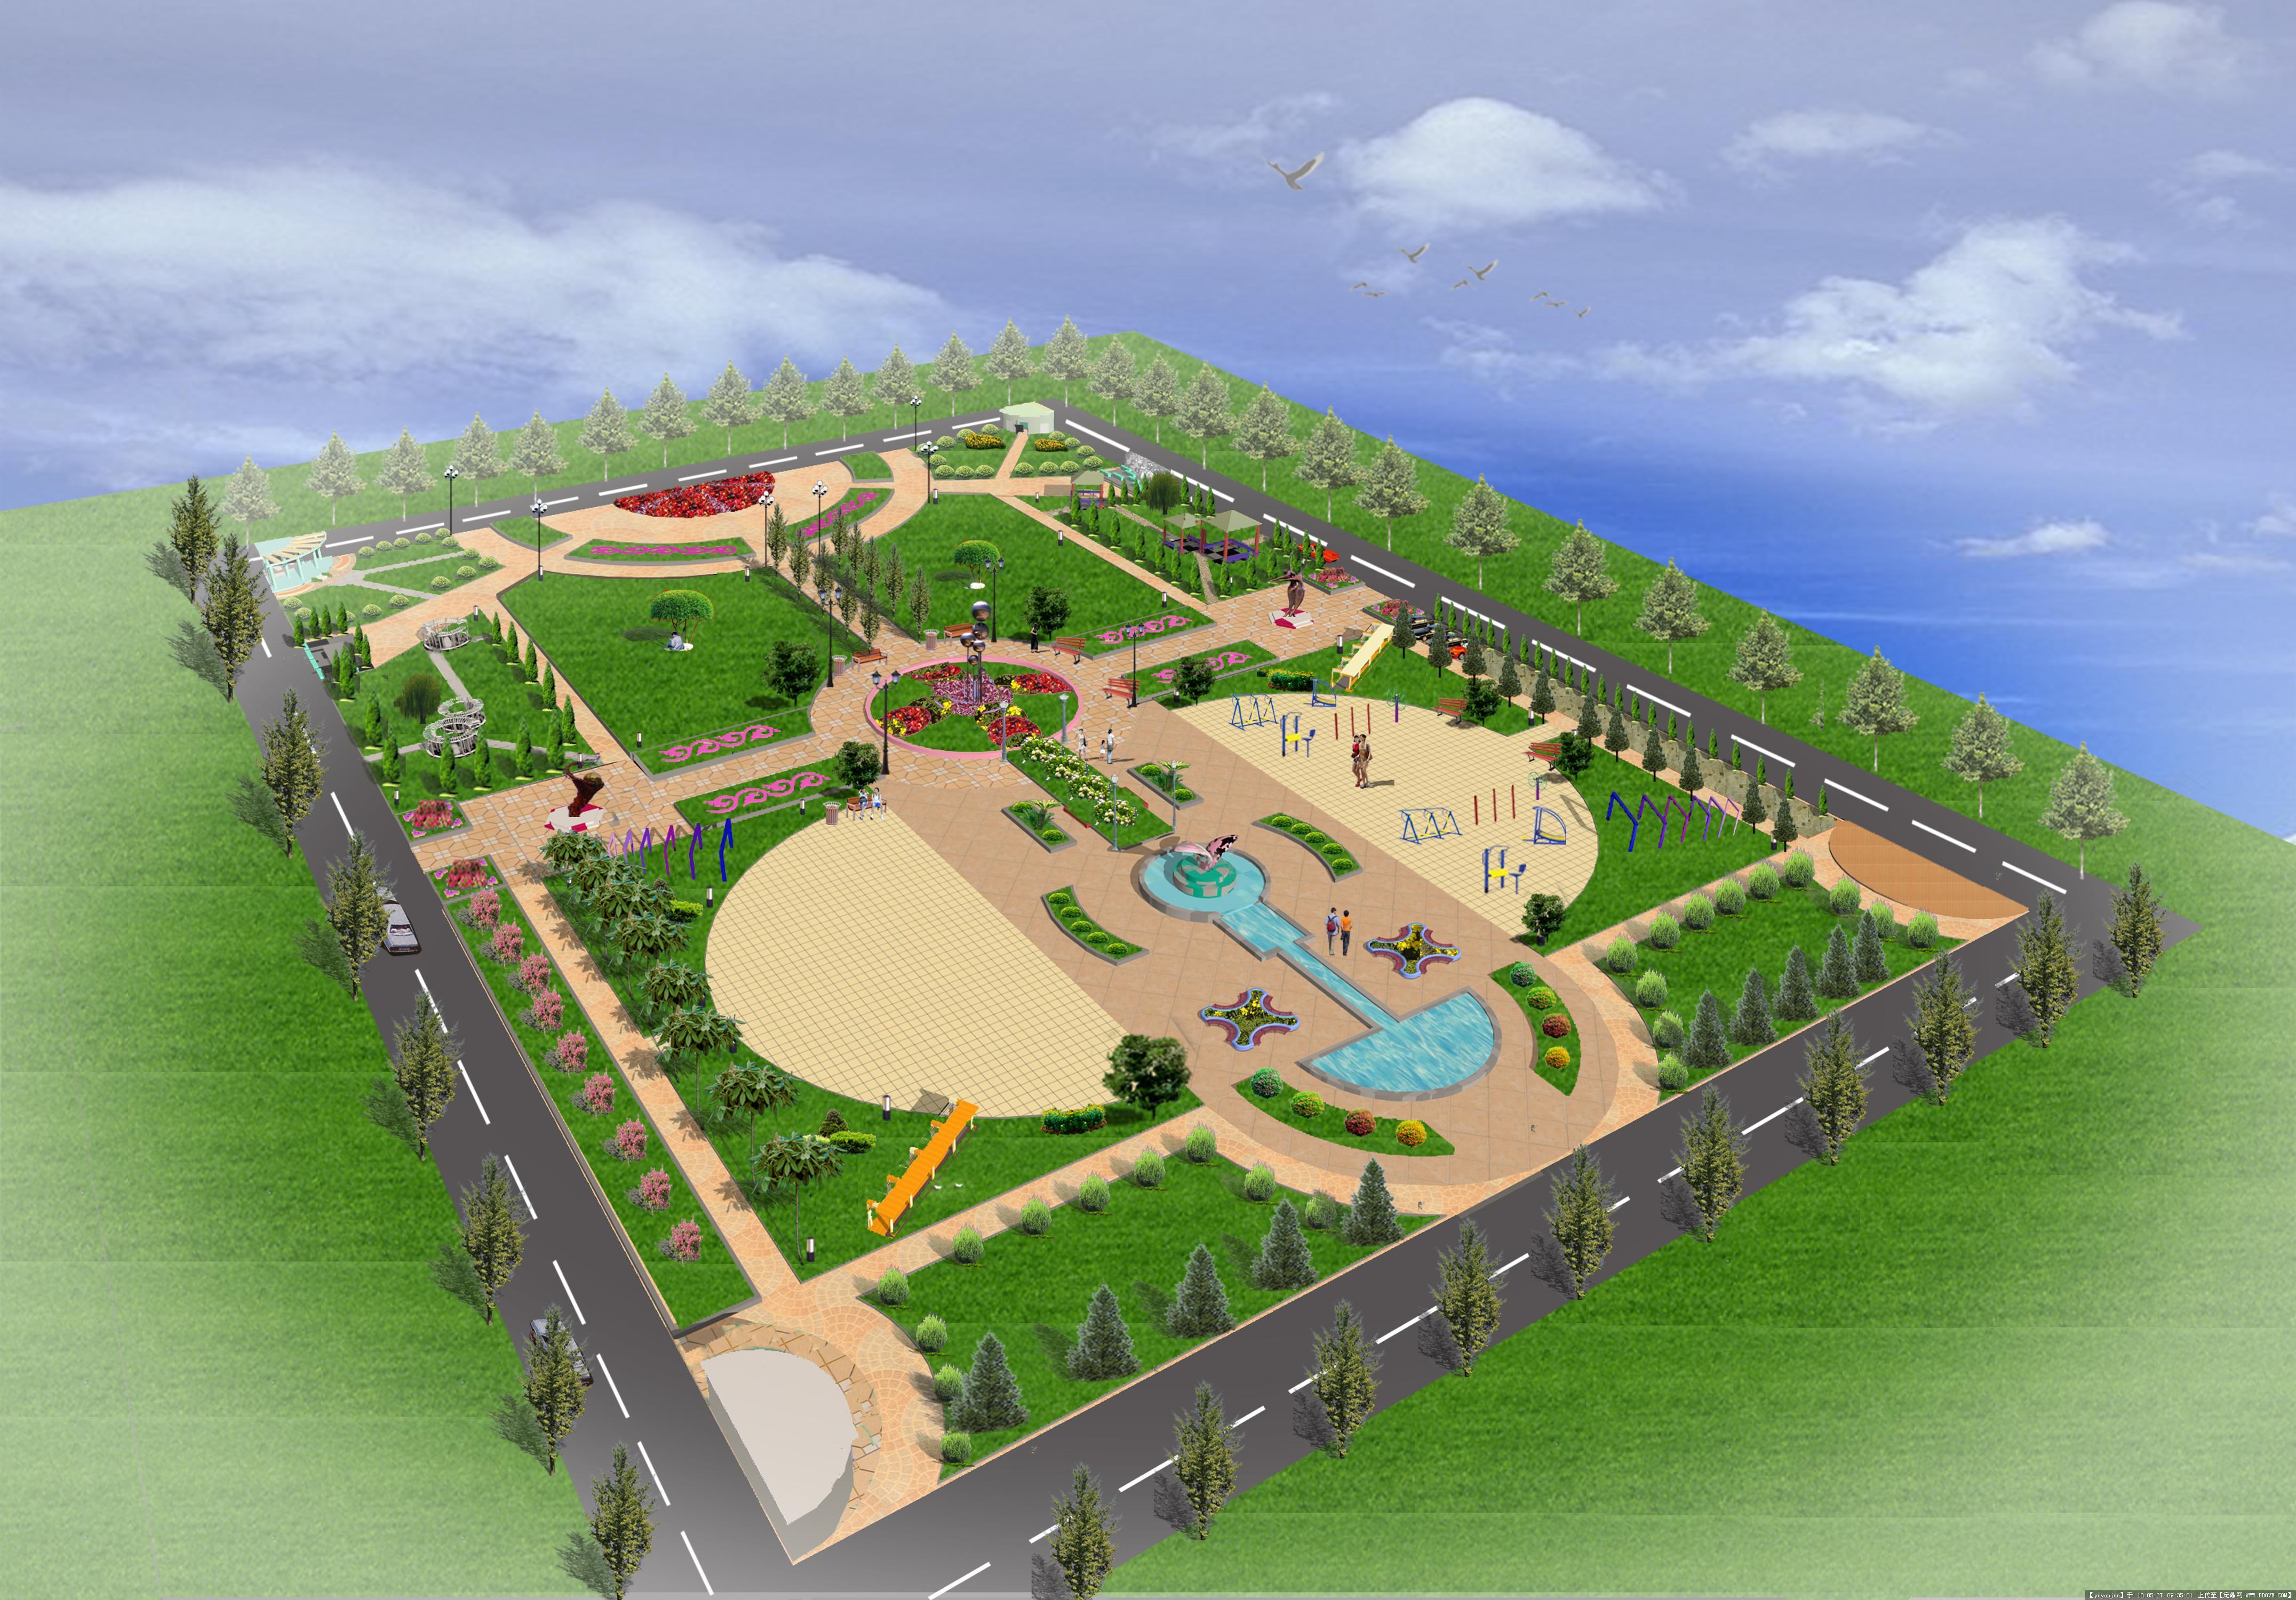 某校园广场平面效果图的图片浏览,园林方案设计,校园